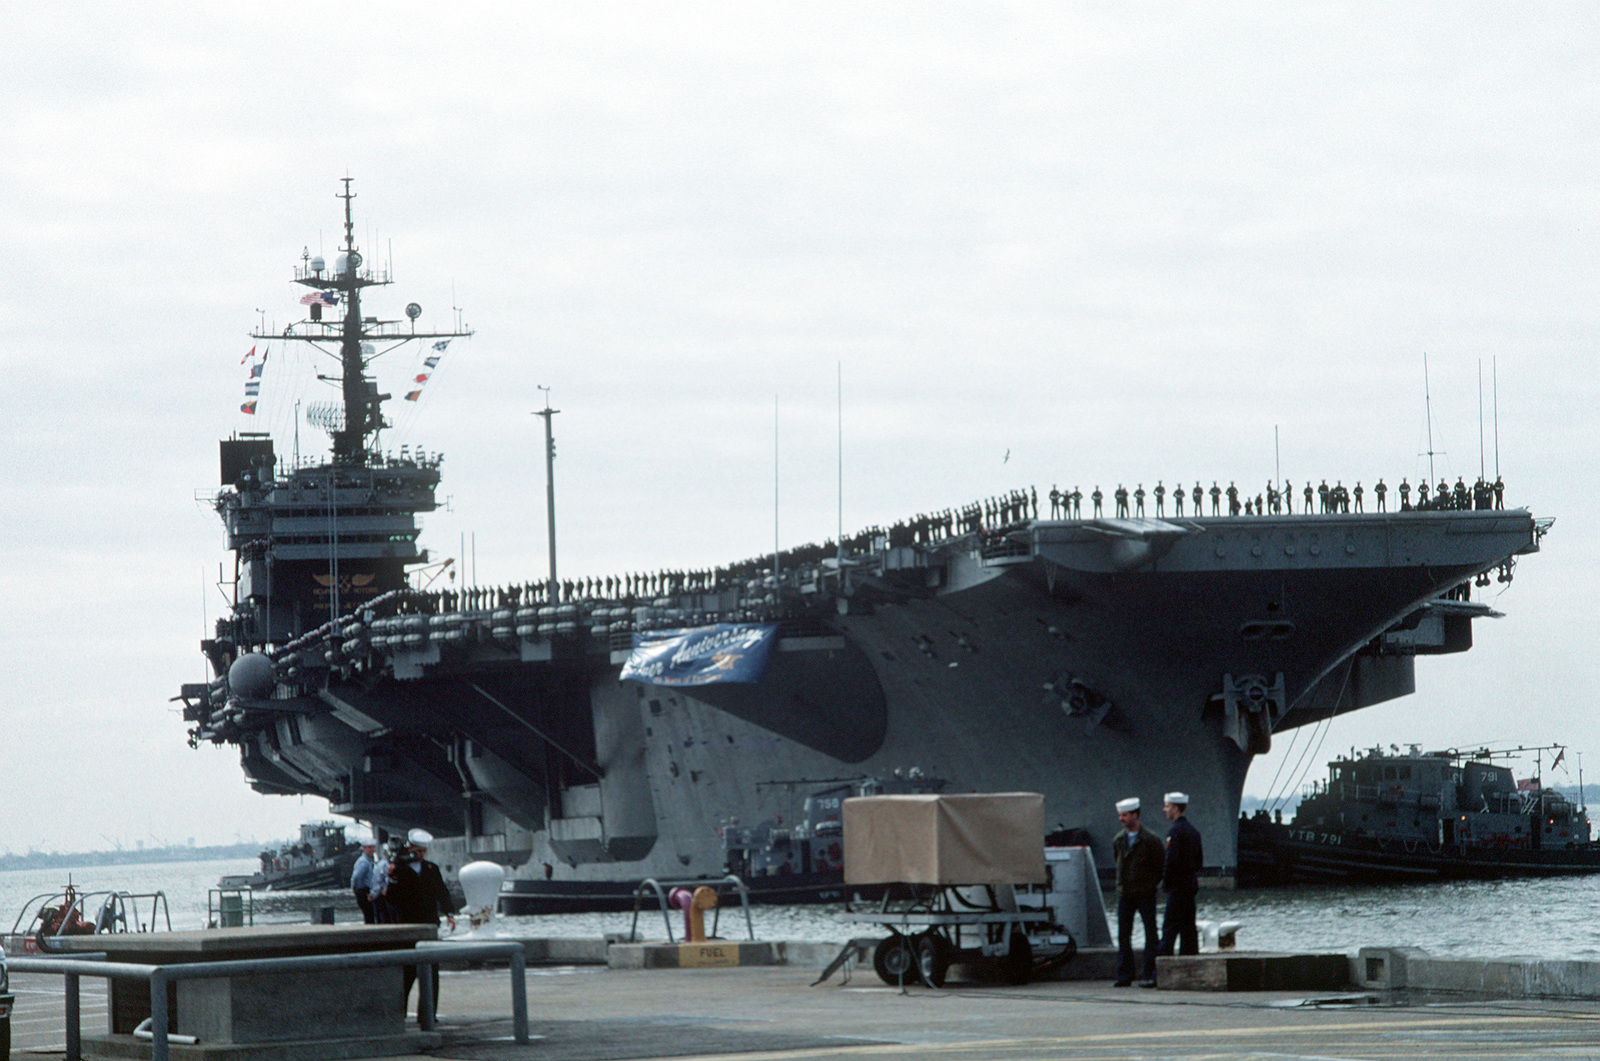 crewmen man the rails as the aircraft carrier uss john f kennedy